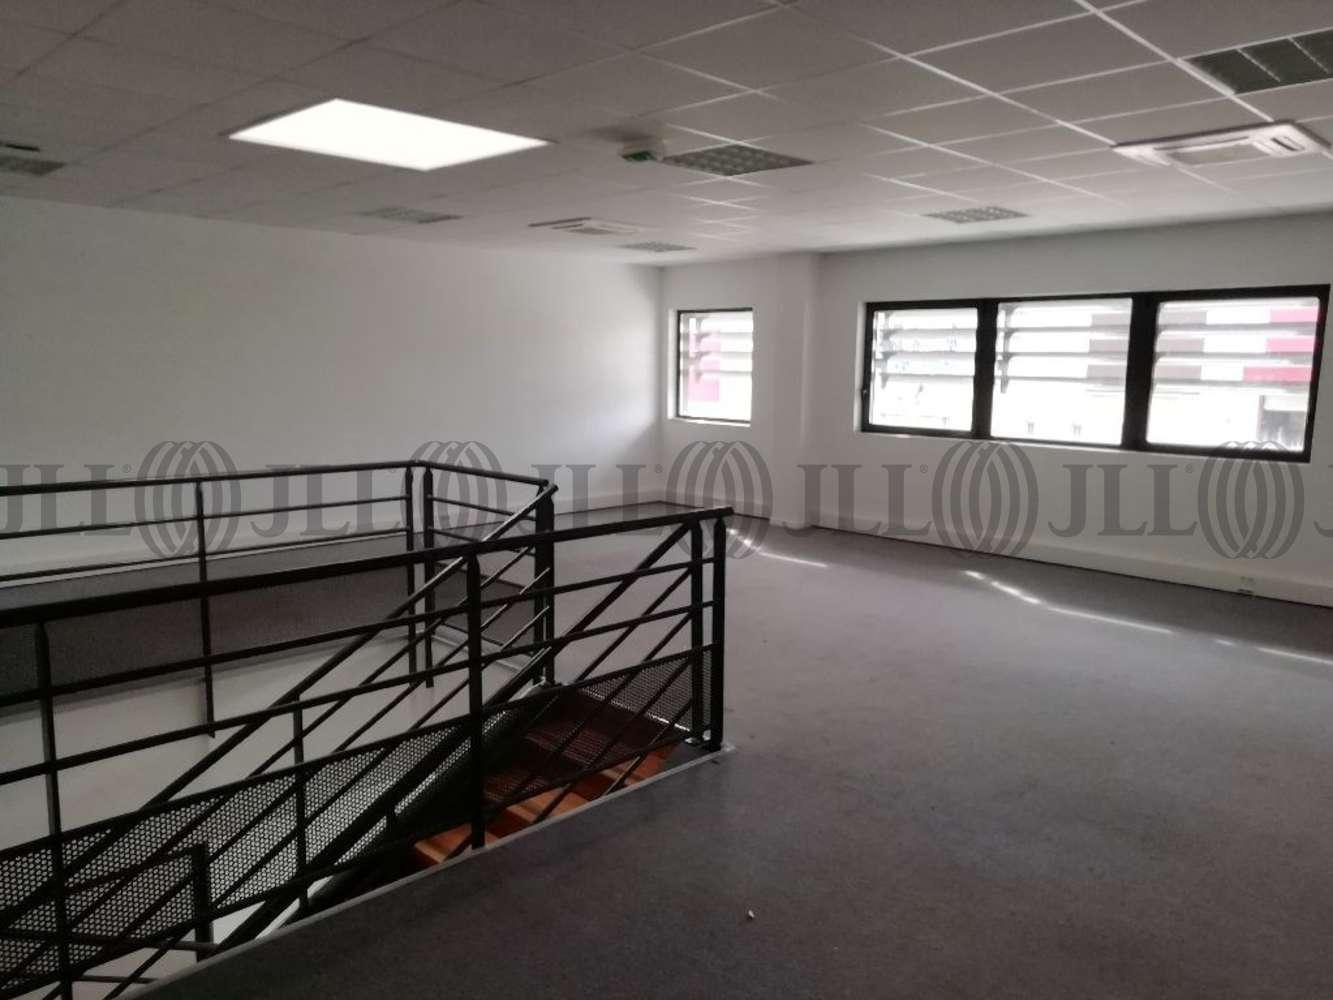 Activités/entrepôt Oullins, 69600 - Location entrepot Lyon Sud - Oullins - 10873800